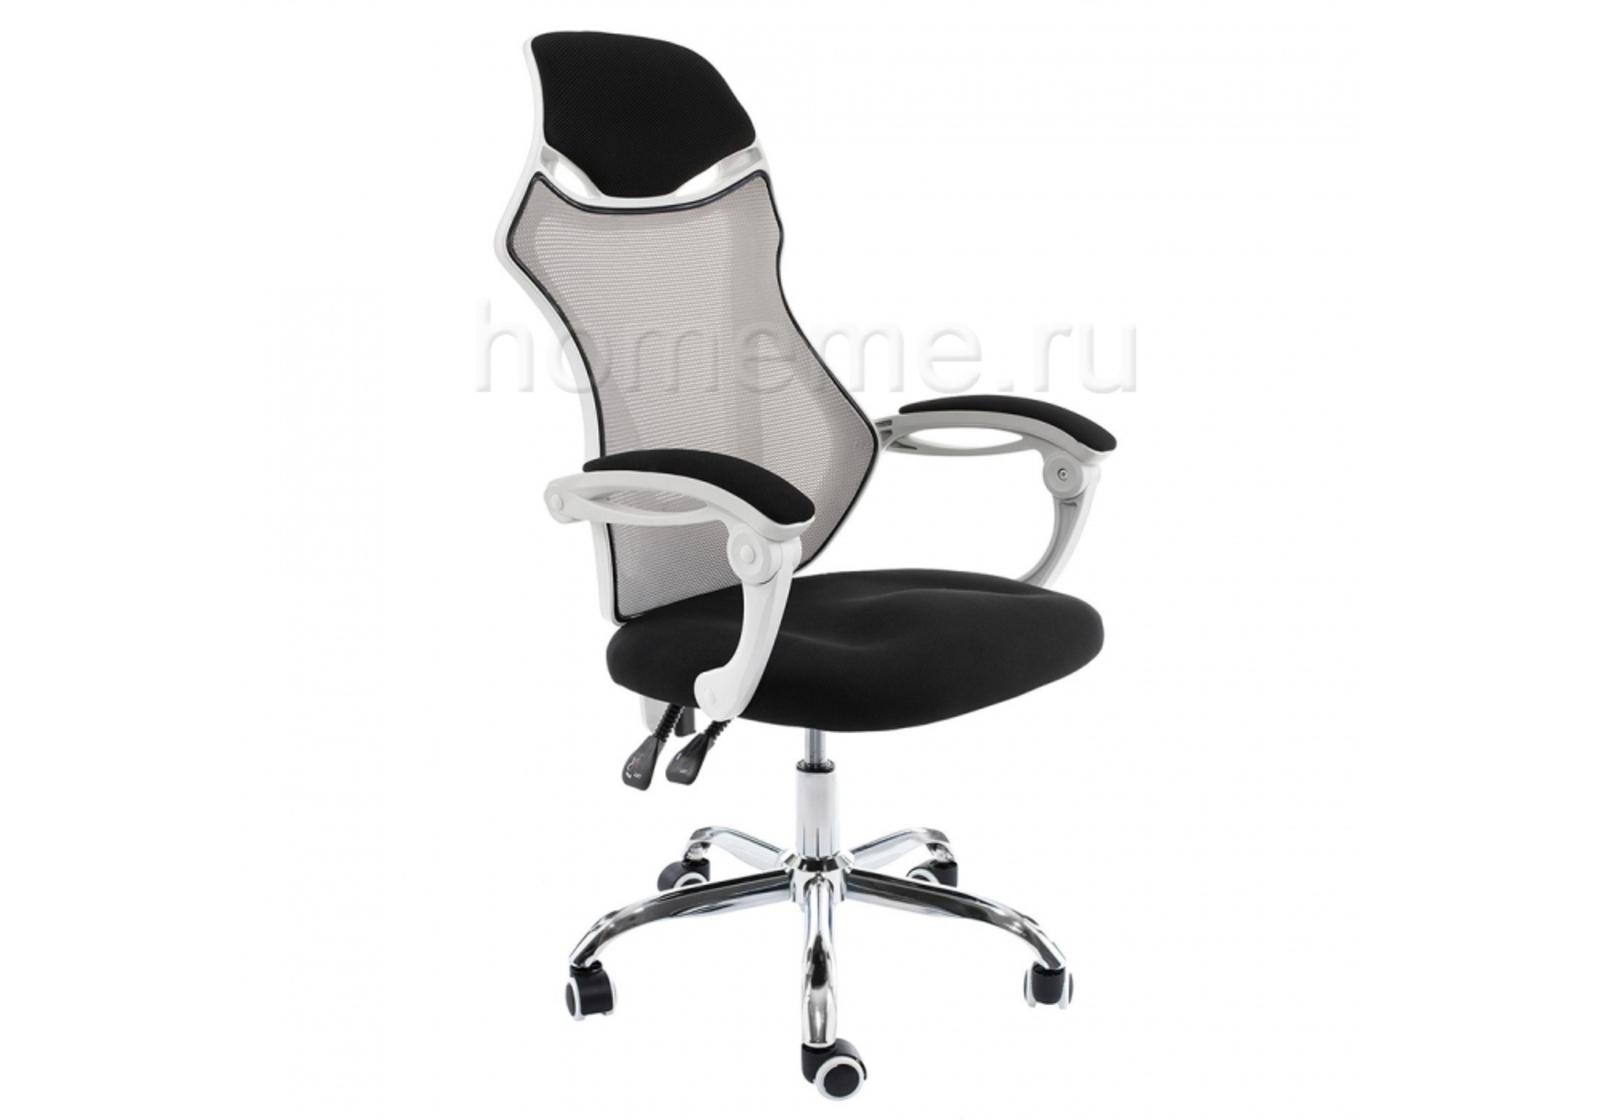 Компьютерное кресло Armor белое / черное серое 1980 HomeMe